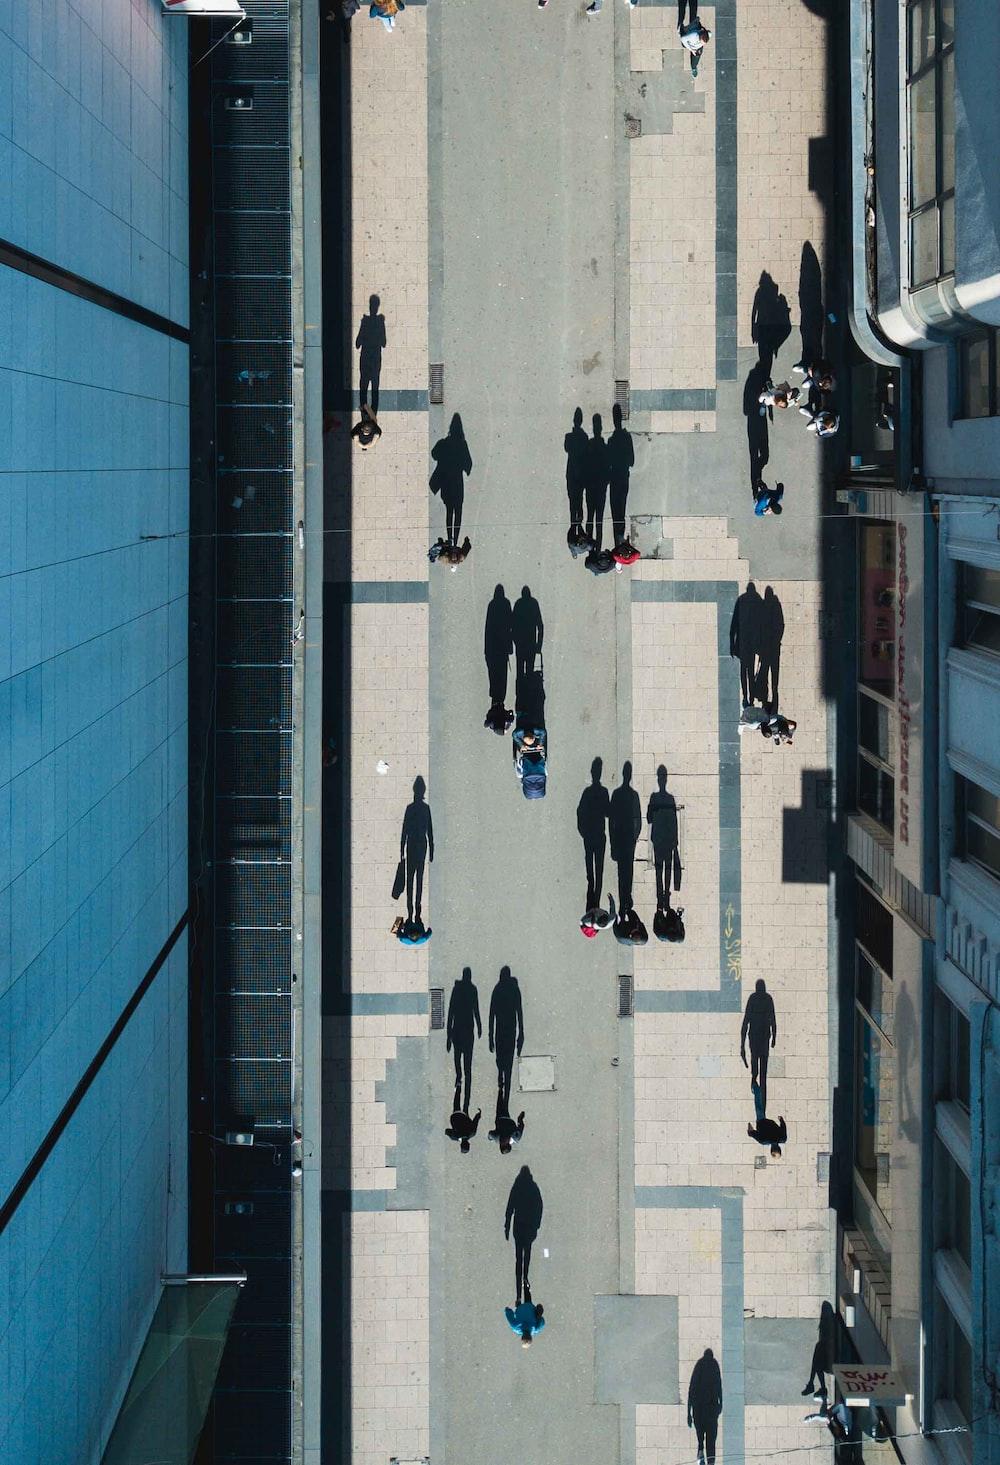 people walking on street between buildings